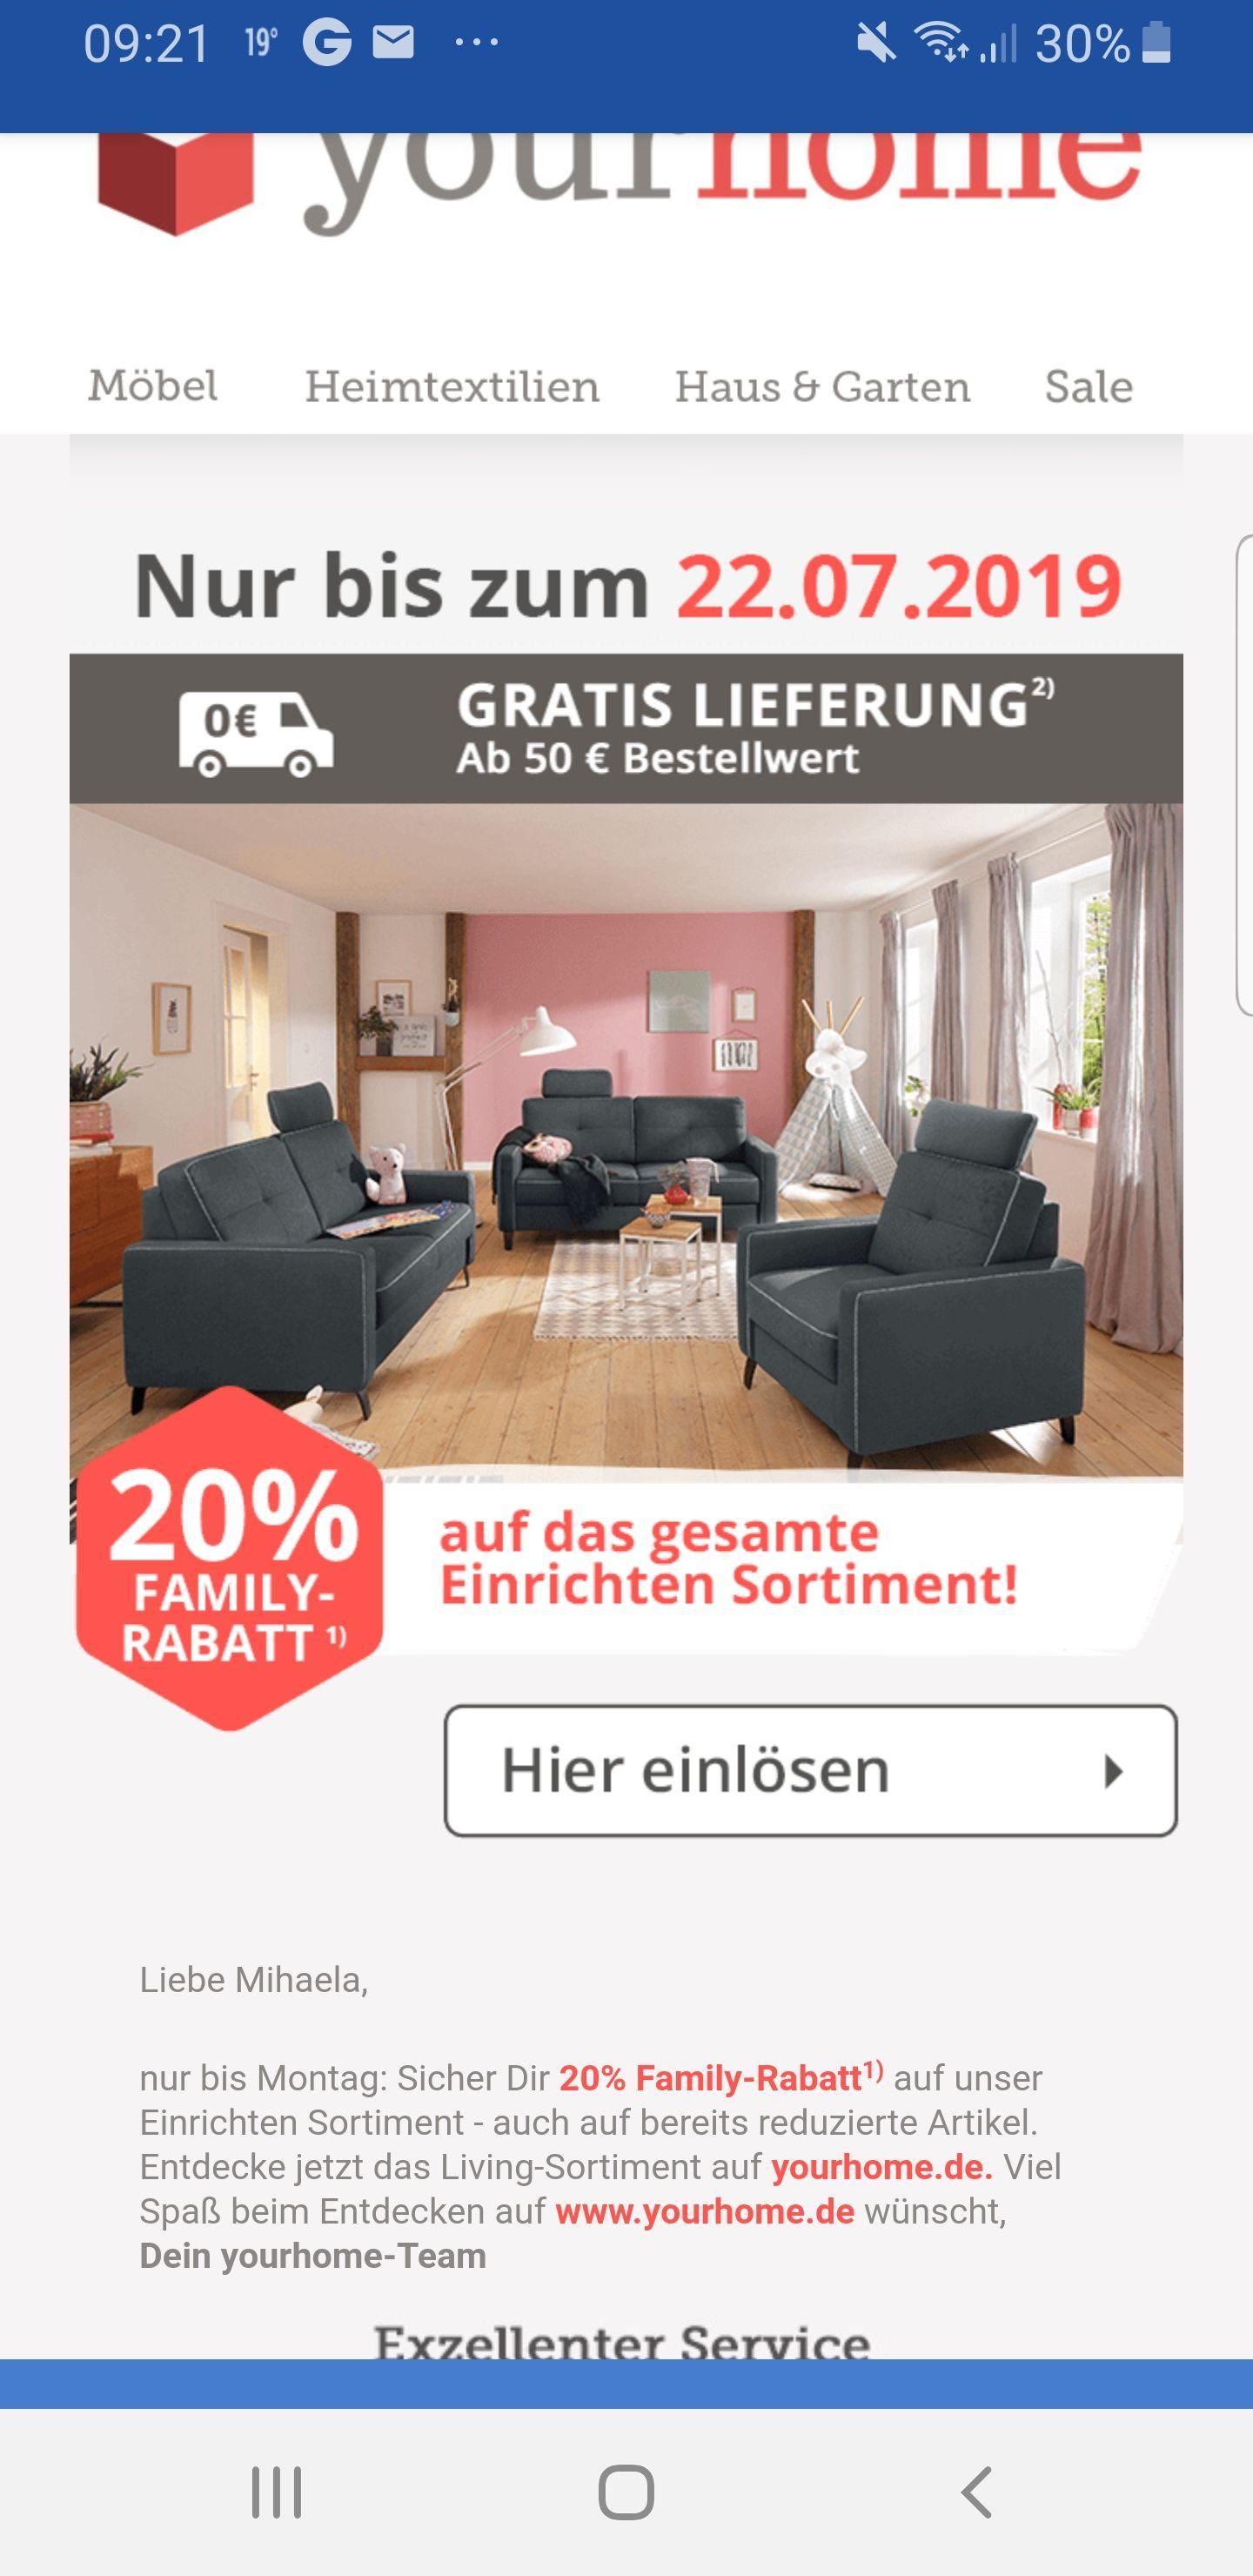 Yourhome 20% Family-Rabatt auf unser Einrichten Sortiment